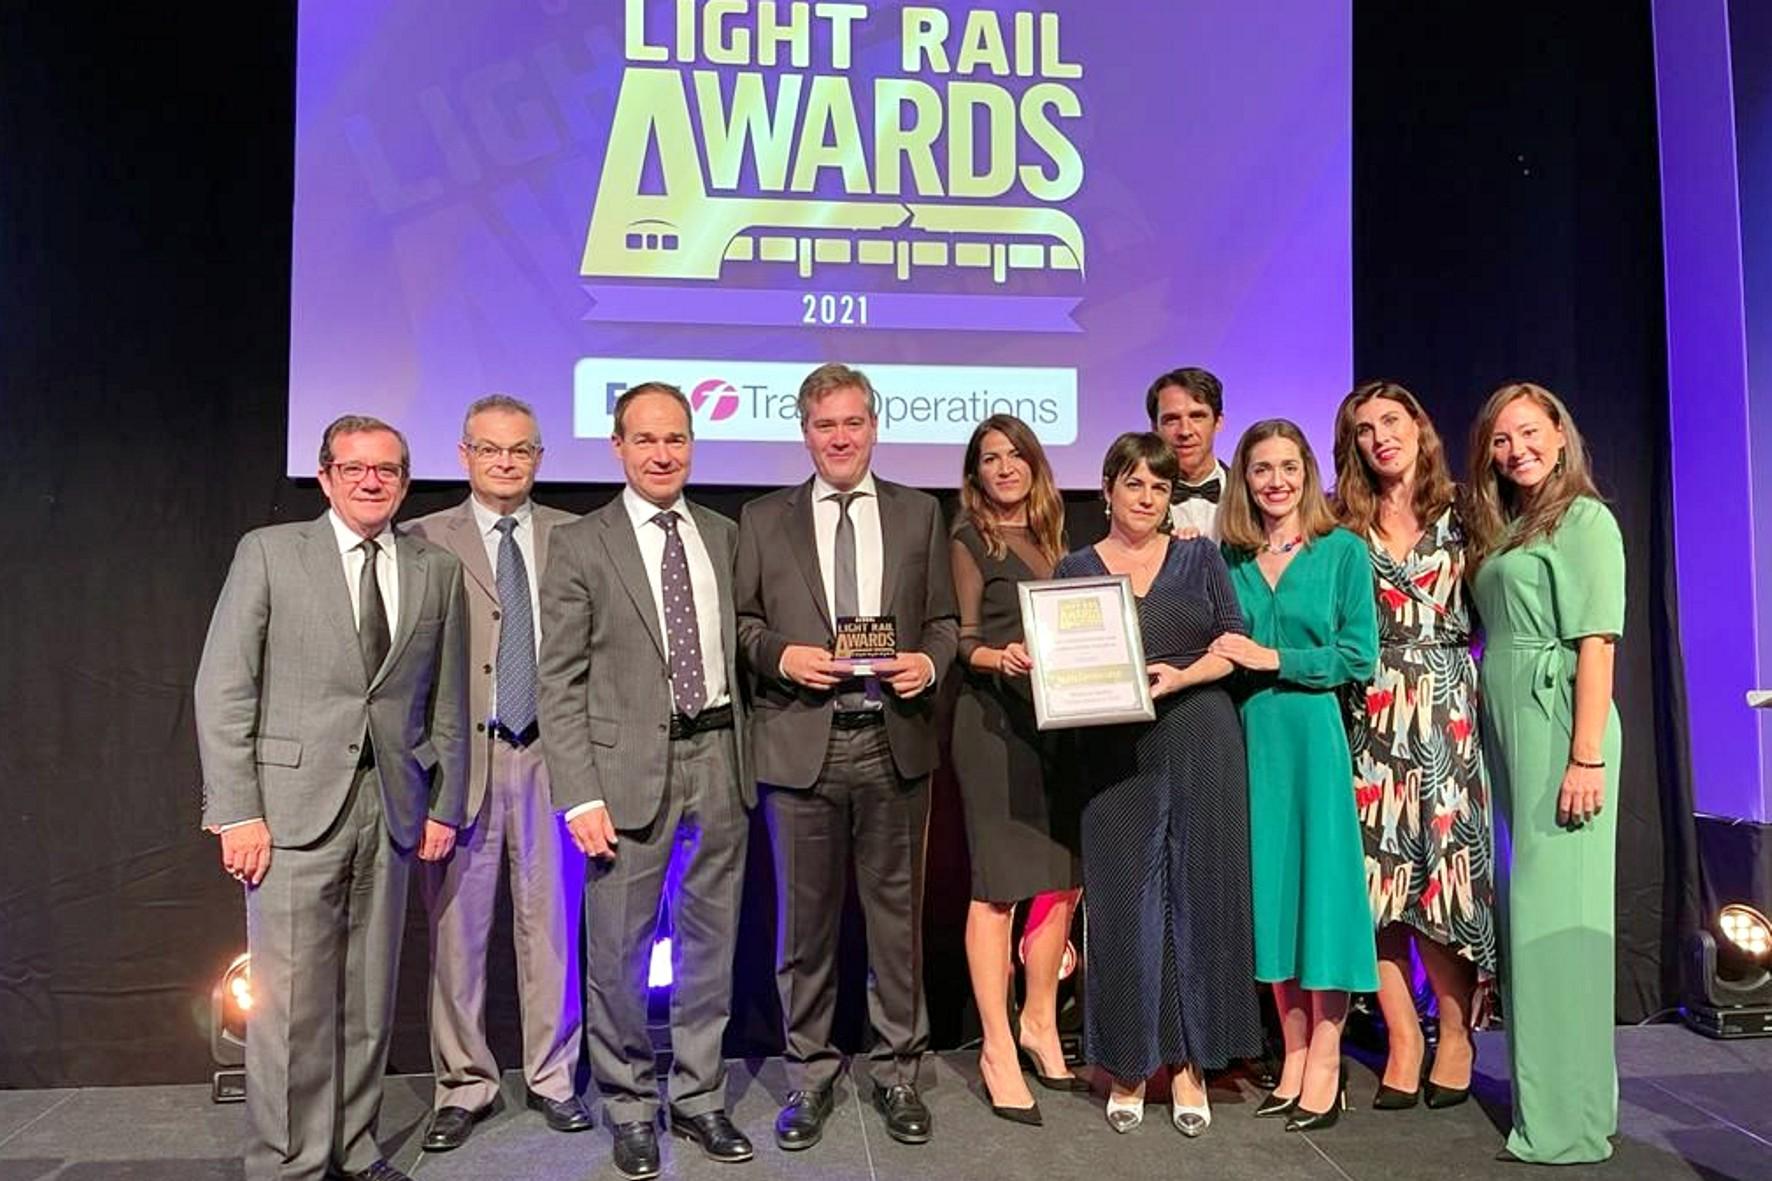 Estos premios, organizados por la editora de la revista Tramways & Urban Transit, son la referencia internacional del sector ferroviario